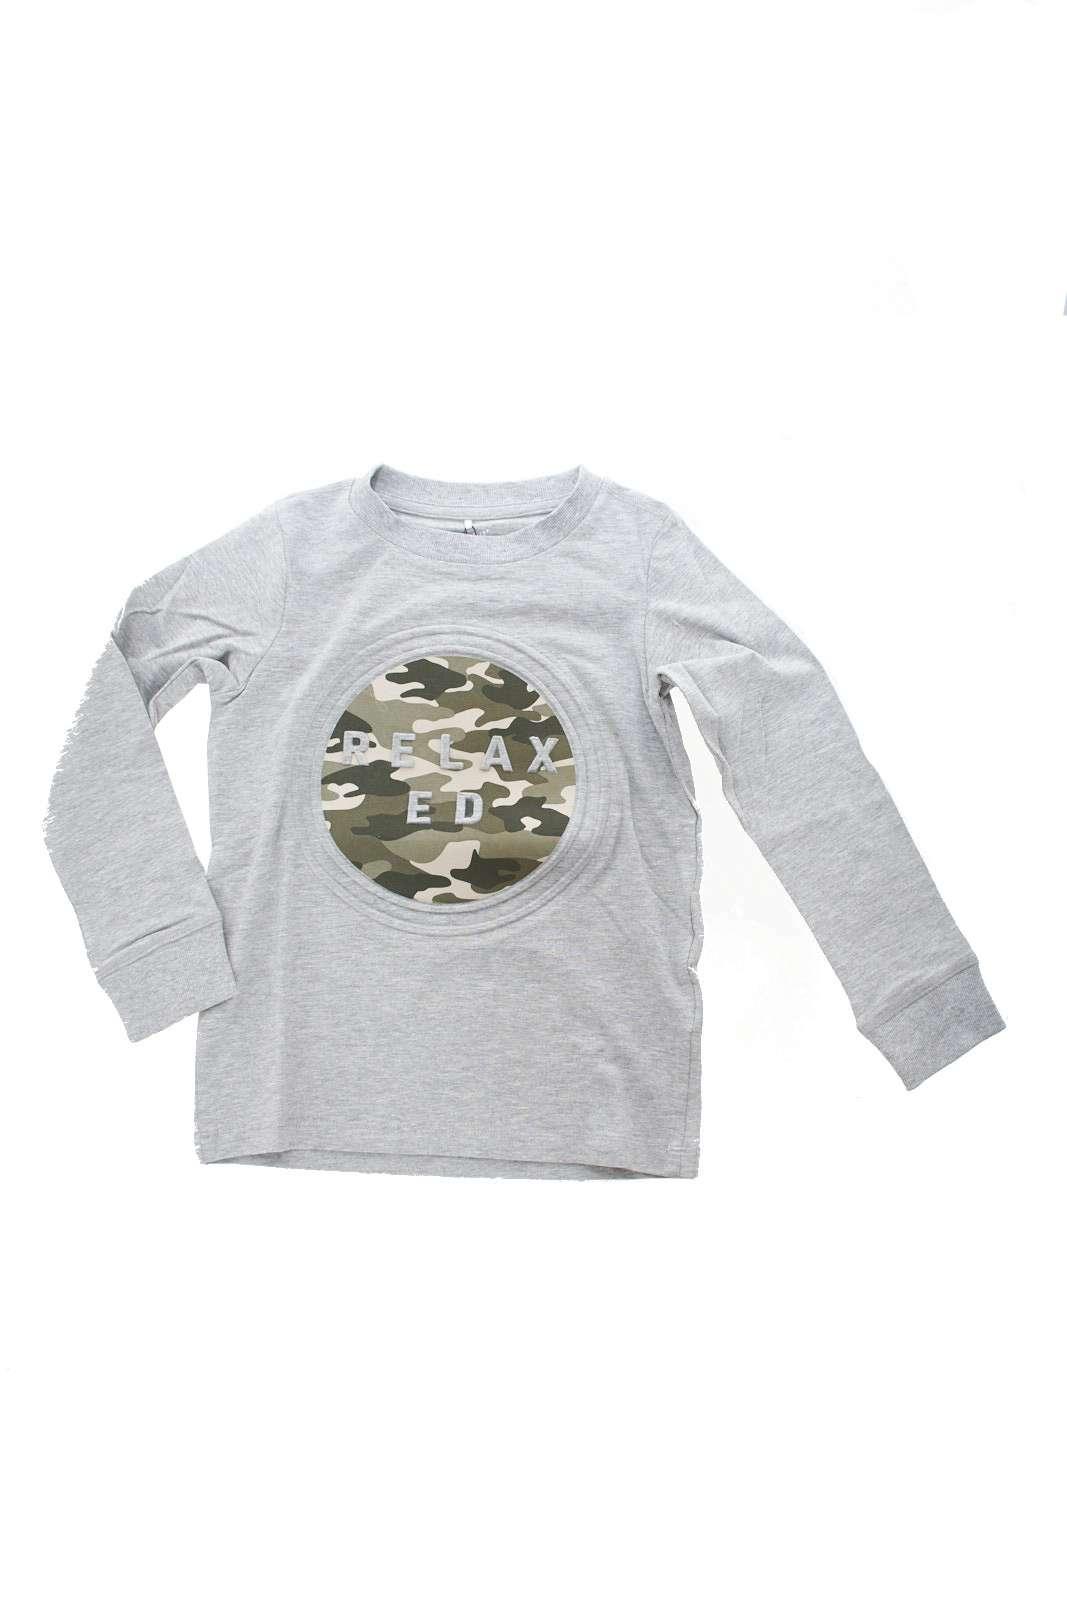 Pratica e quotidiana, la T shirt a maniche lunghe proposta per la collezione bambino Name It conquista ogni stile.  Si impone con l'inserto camouflage sul davanti per rendere questo capo unico e versatile.  Un essential della moda junior.